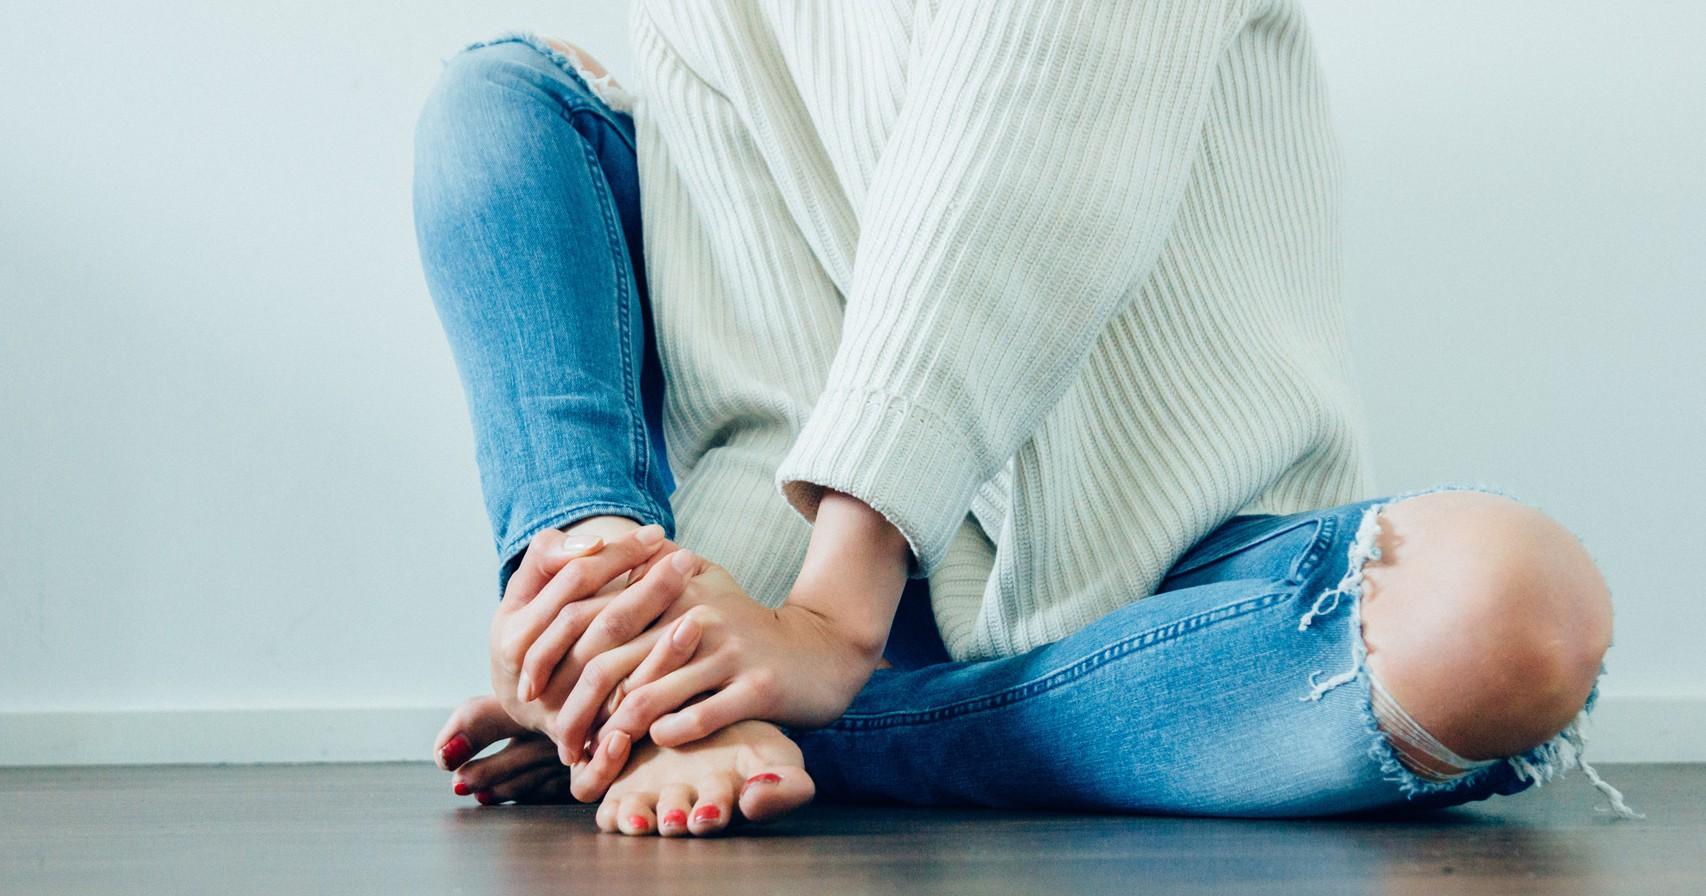 Móng chân tím đen là dấu hiệu cảnh báo sức khoẻ mà bạn không nên xem thường - Ảnh 5.